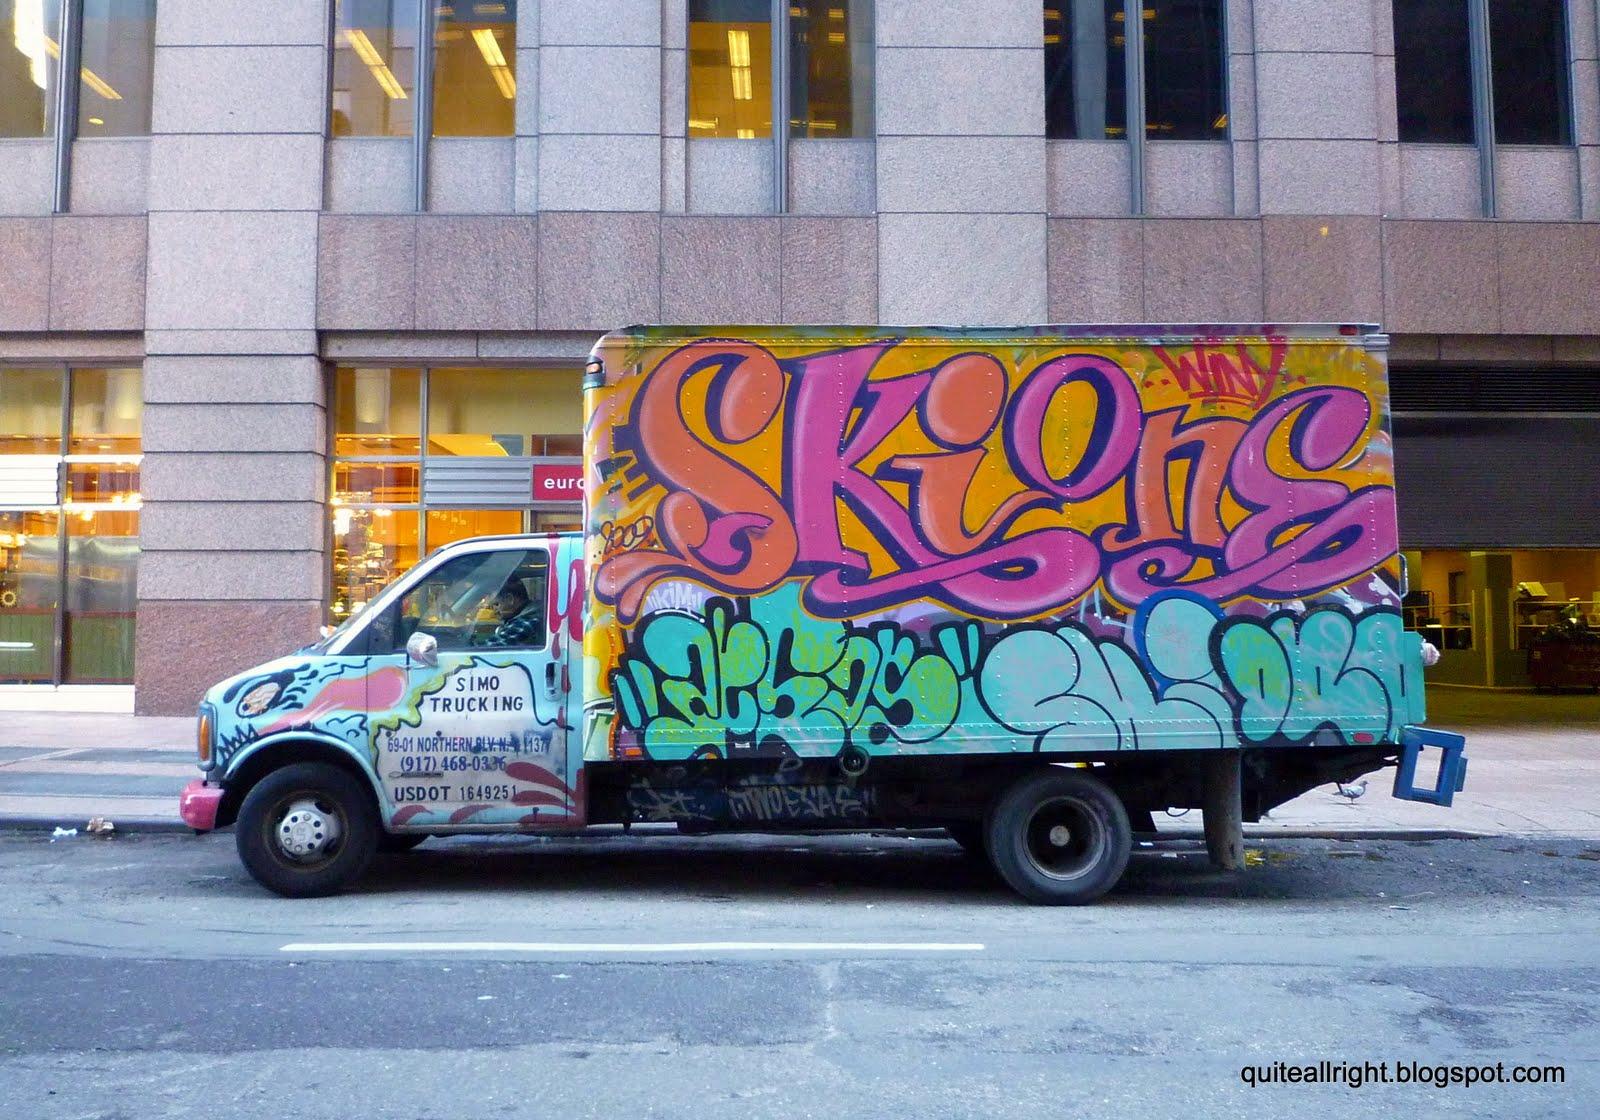 http://4.bp.blogspot.com/_urwVlrQqWC0/S4xWJeYU_jI/AAAAAAAACKU/ptlLY2UAJdg/s1600/Barbra+Streisand%27s+Graffiti+Truck.jpg.JPG